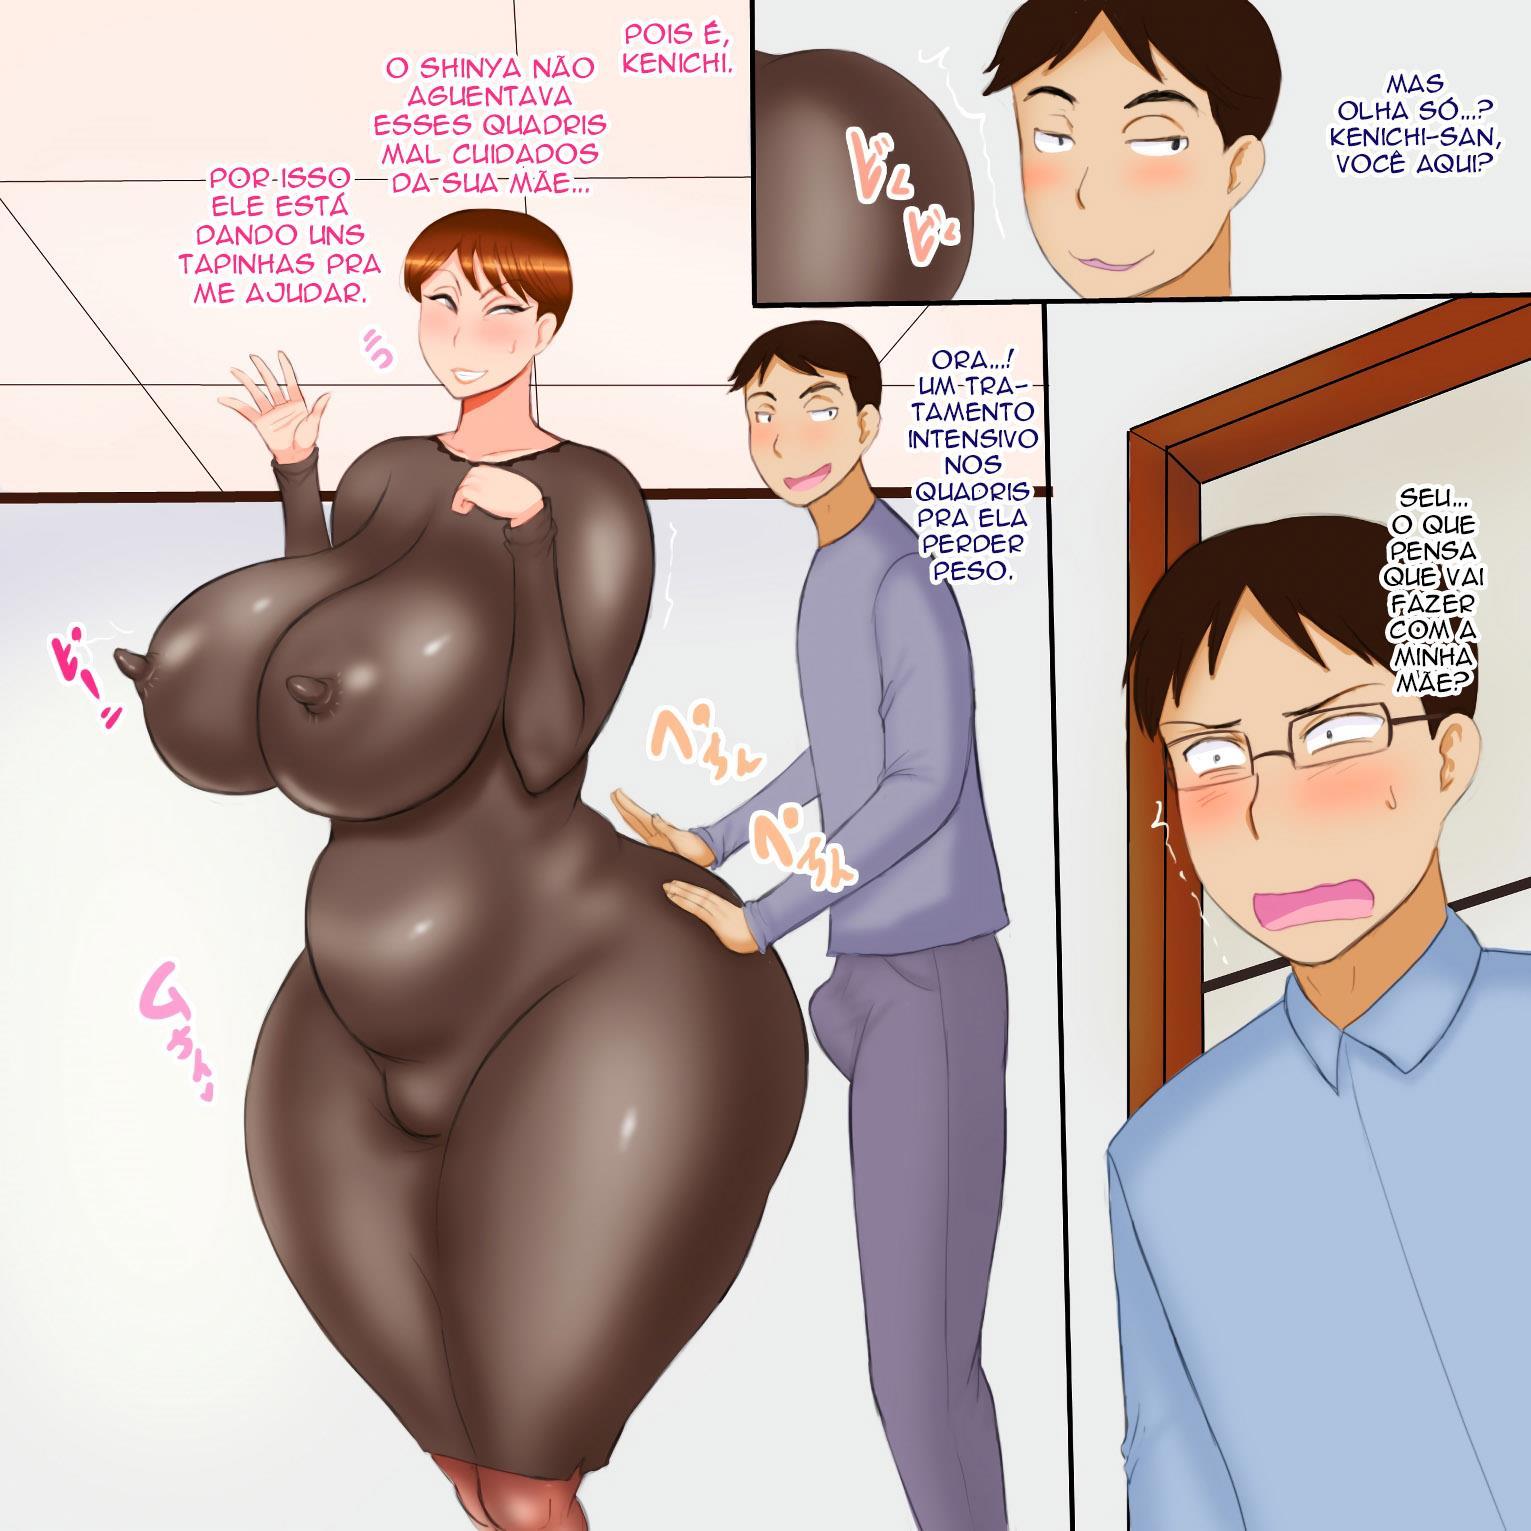 O bundão da mamãe